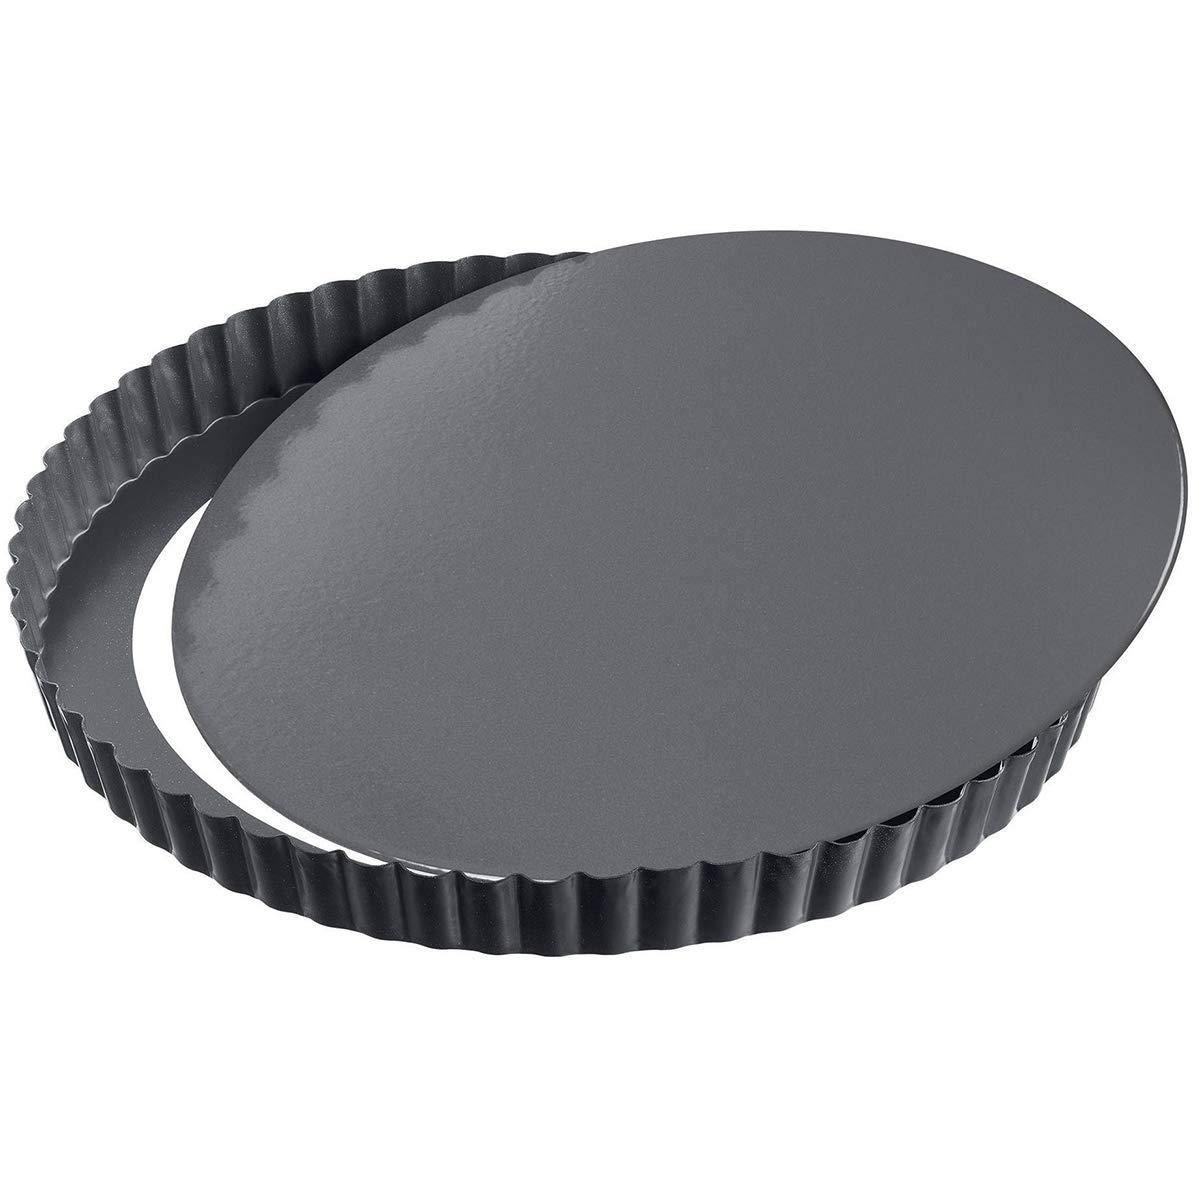 Kaiser 23 0063 7259 La Forme Plus Quiche Pan, Black